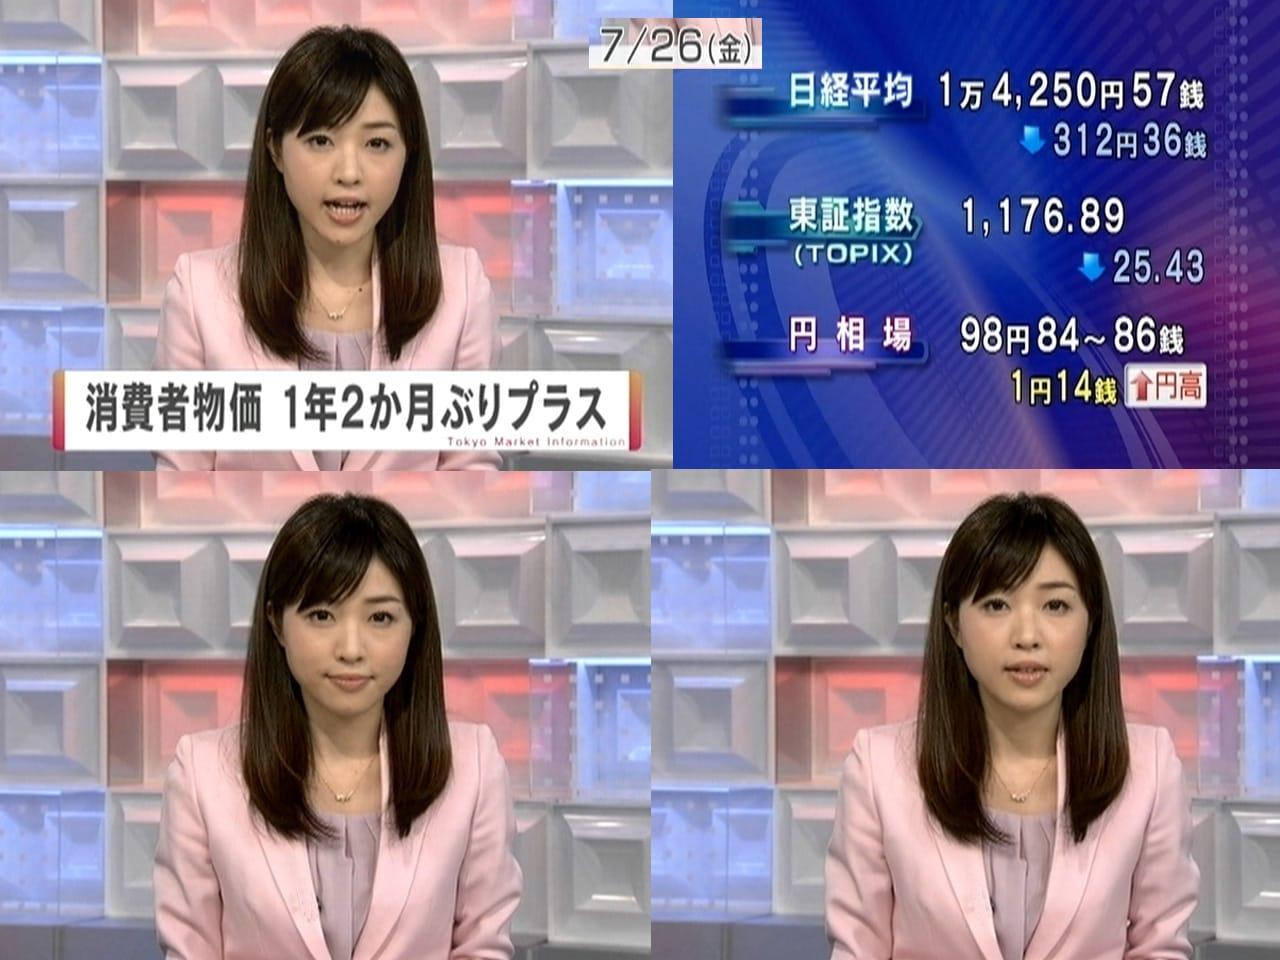 『テレビ』 ジャンルのランキング コメント 竹内 優美 物価上昇、株下落